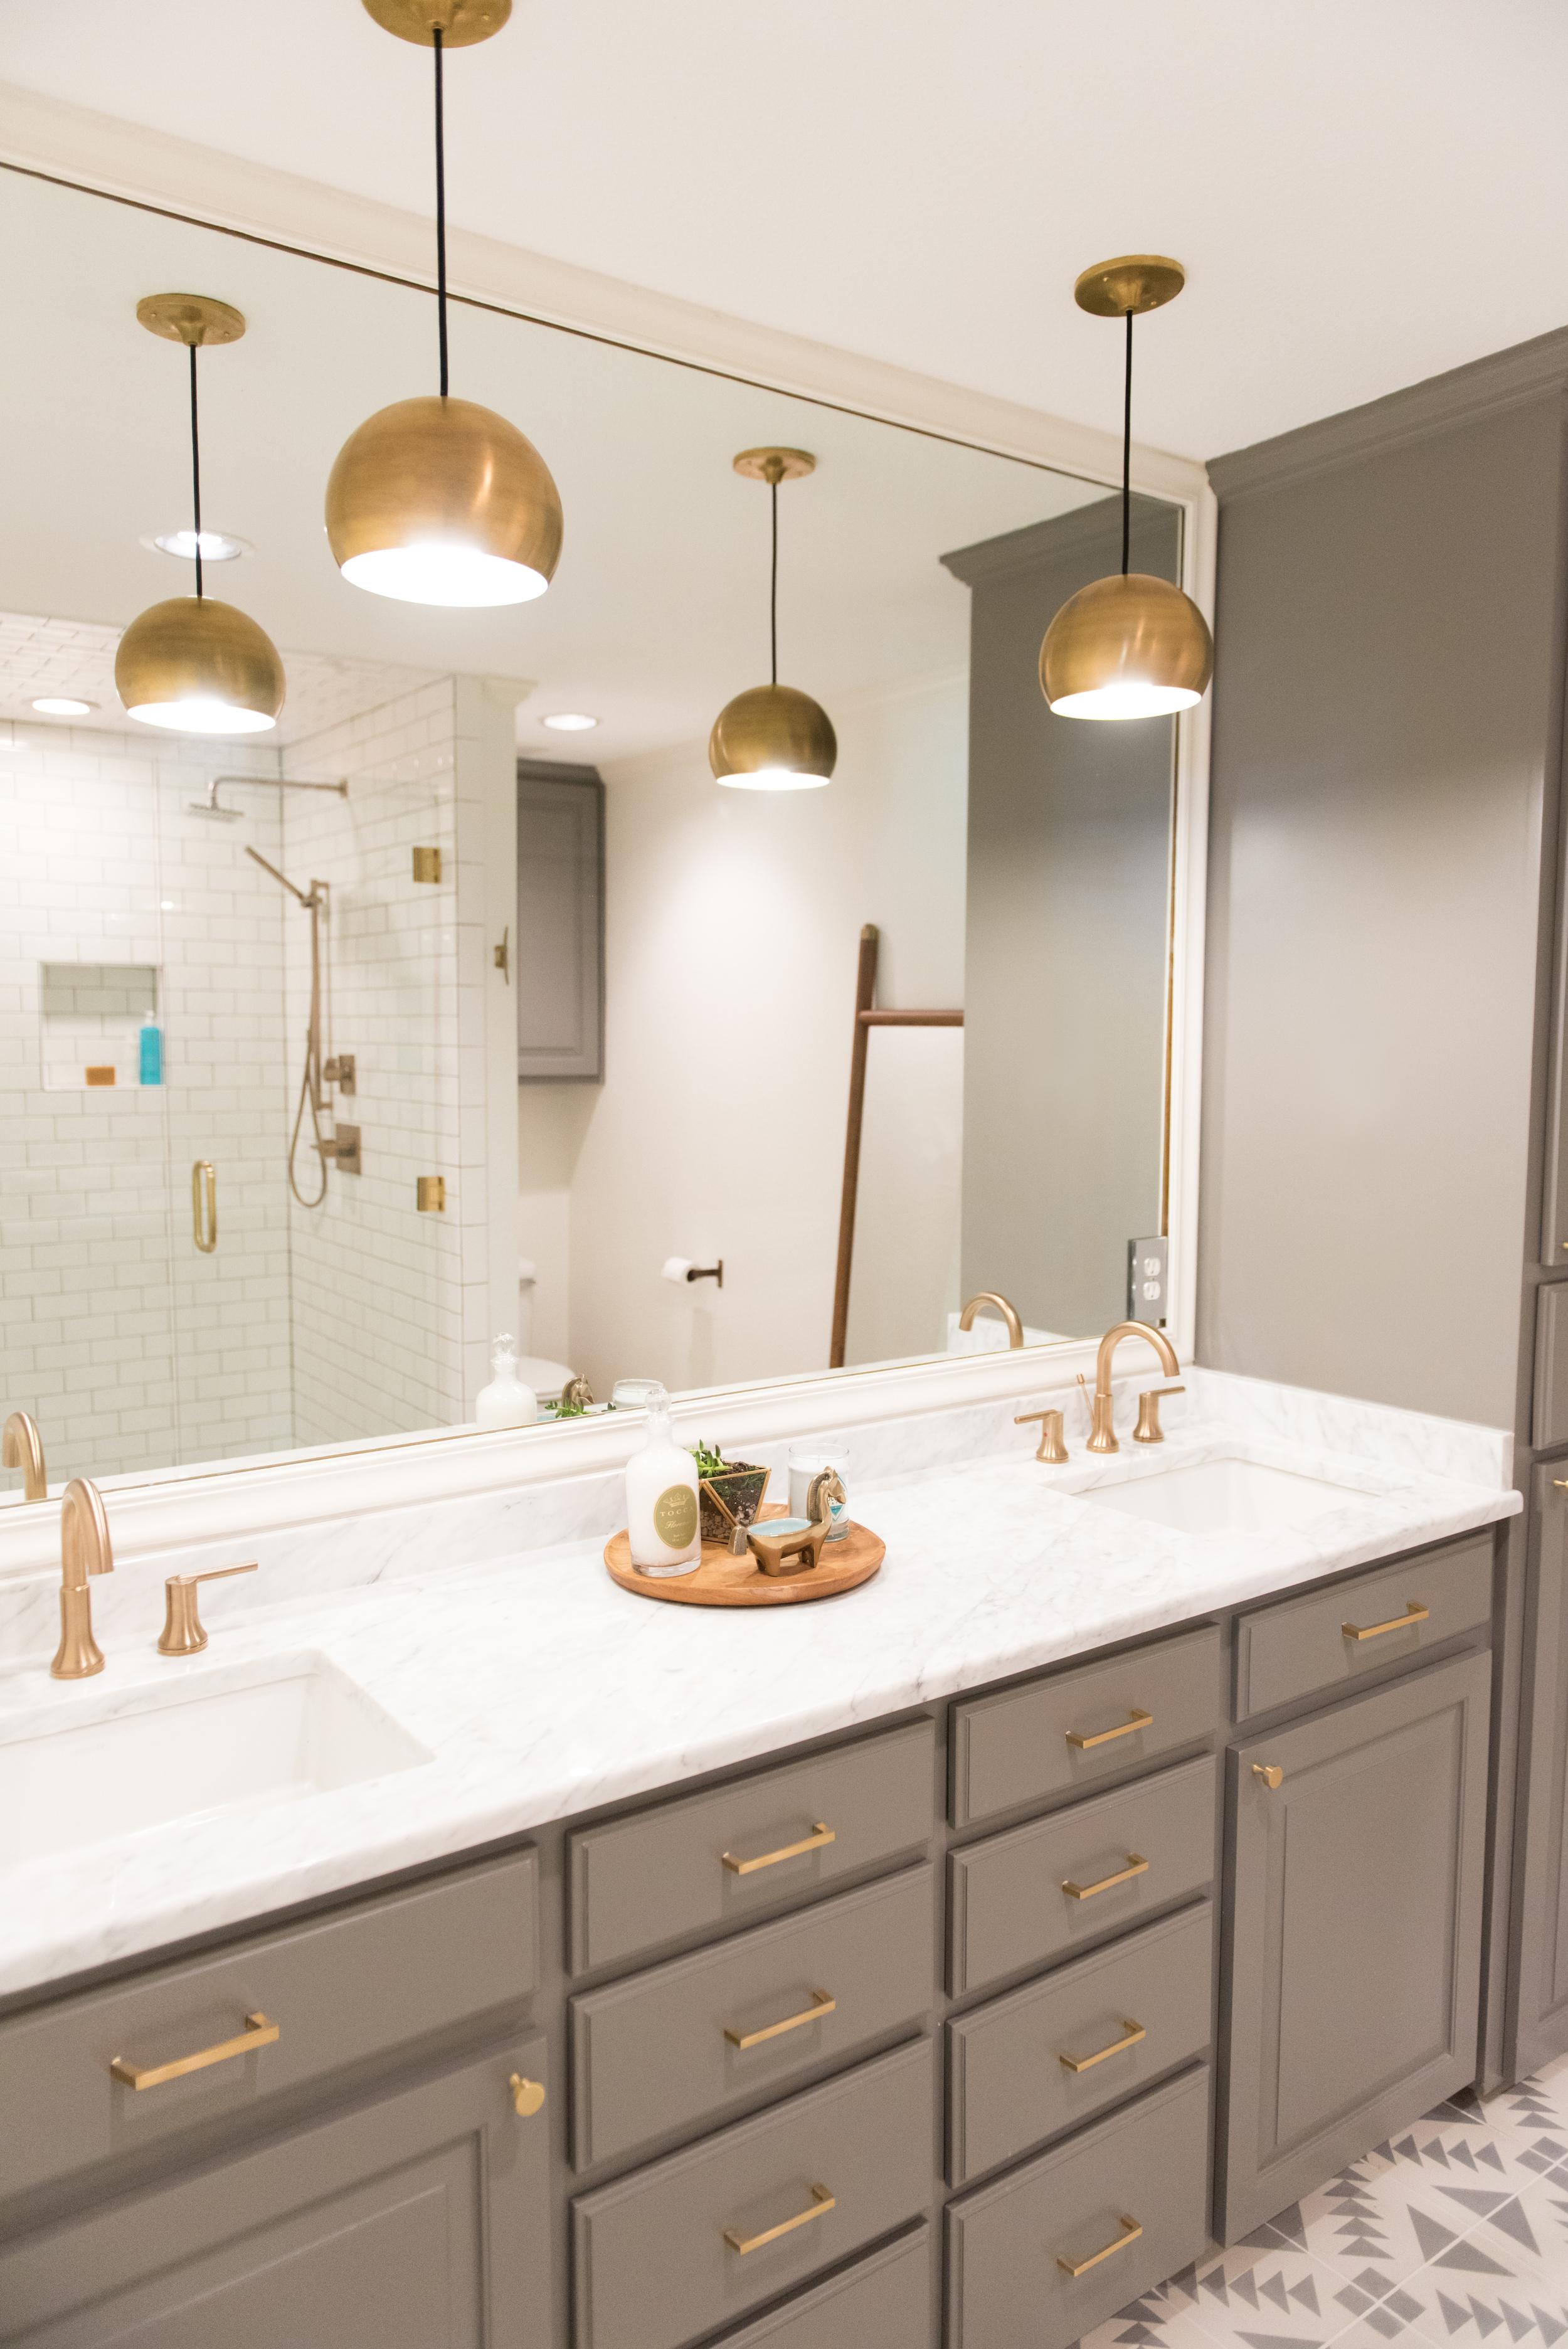 Photos by  Matt and Julie Weddings  |  Hardware  |  Lighting  |  Sink Faucet  |  Shower Head  |  Tile  |  Paint